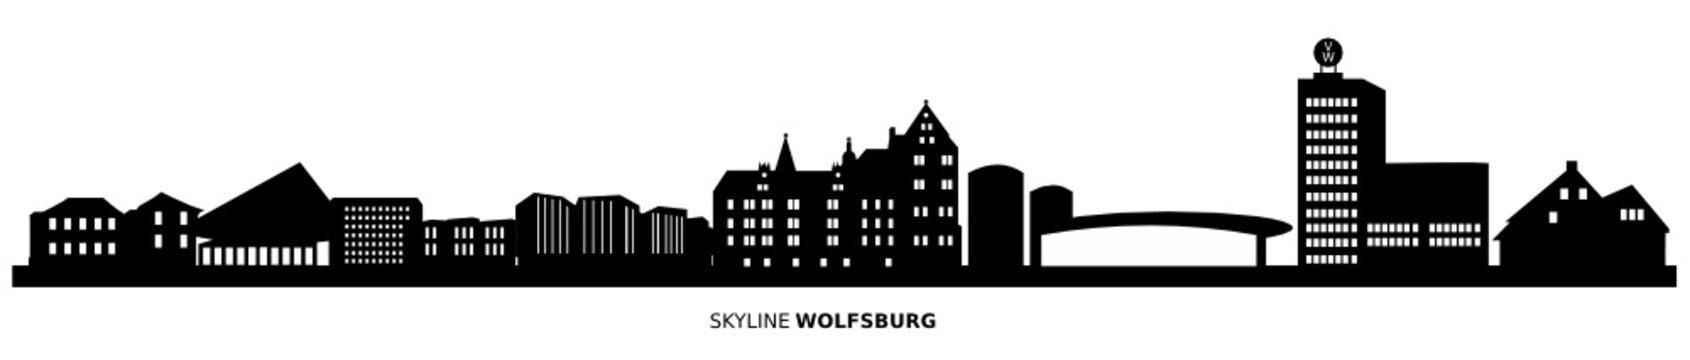 Skyline Wolfsburg